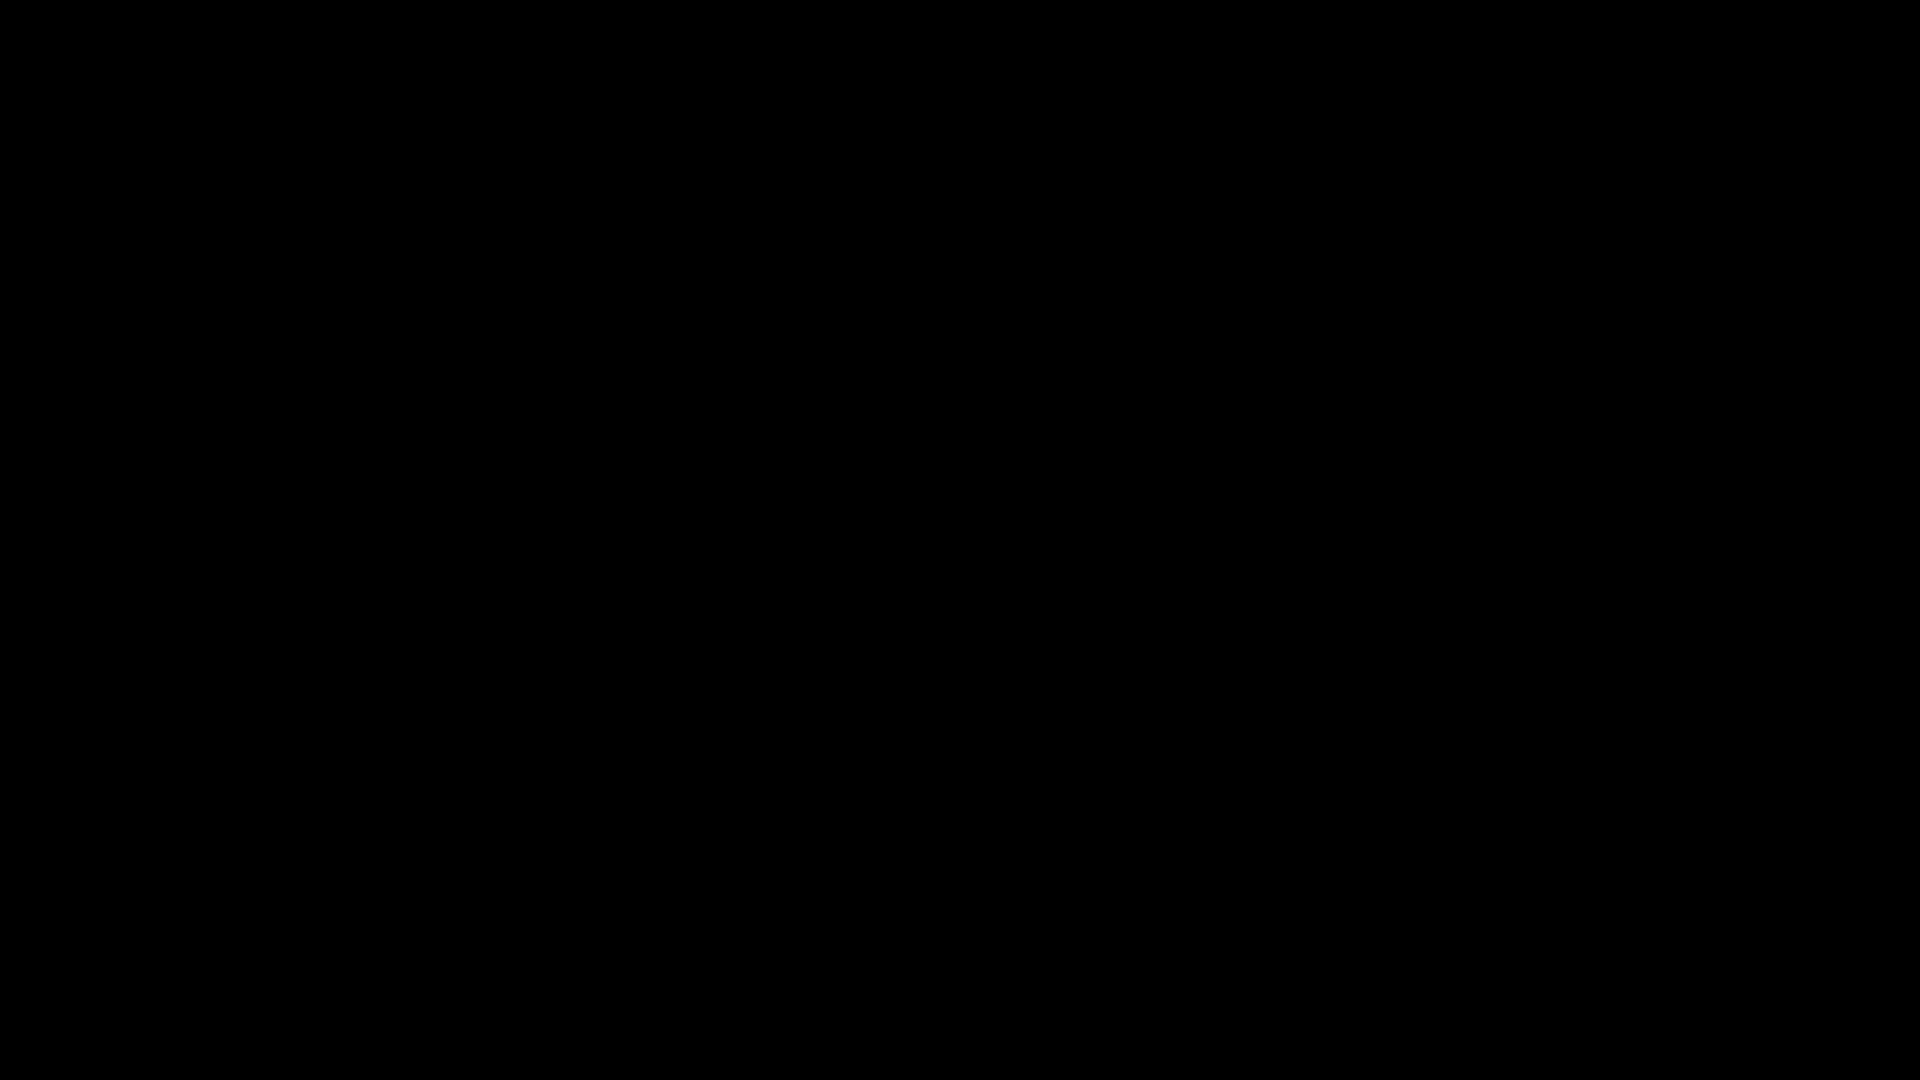 元気いっぱいノリノリ系なB子23歳(仮名)Vol.03 イチャイチャSEX後編 いじくり オメコ無修正動画無料 90枚 15